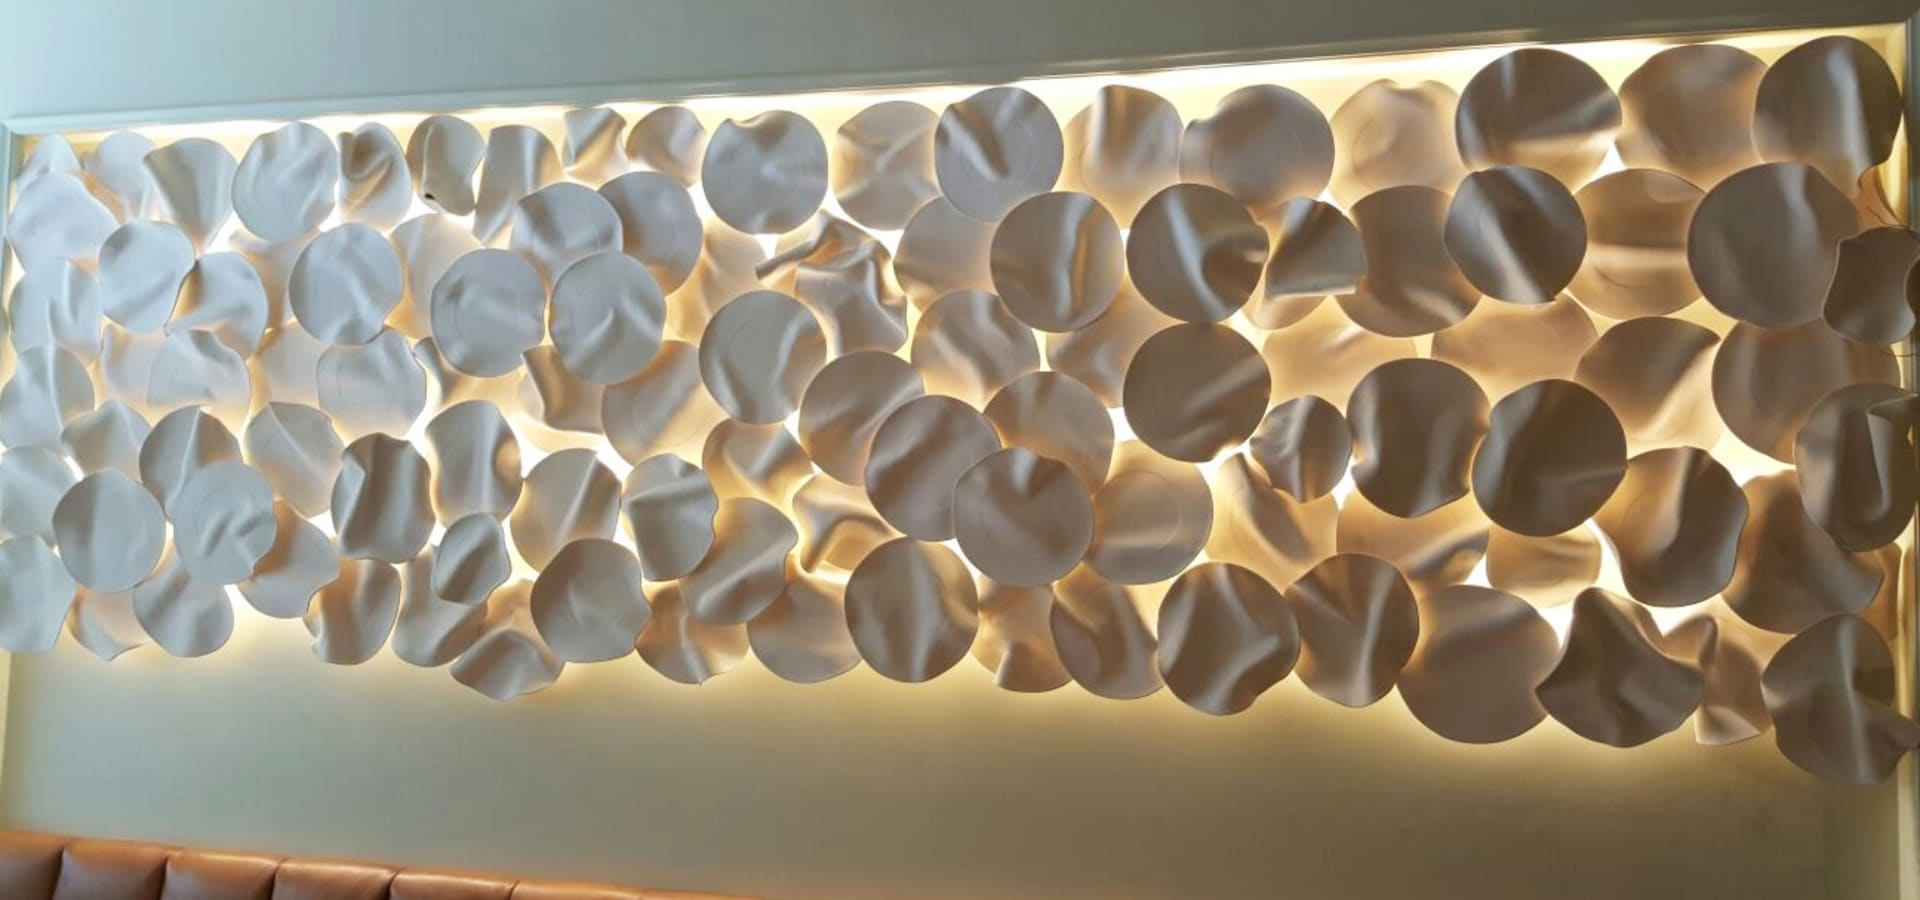 Caulino Ceramics